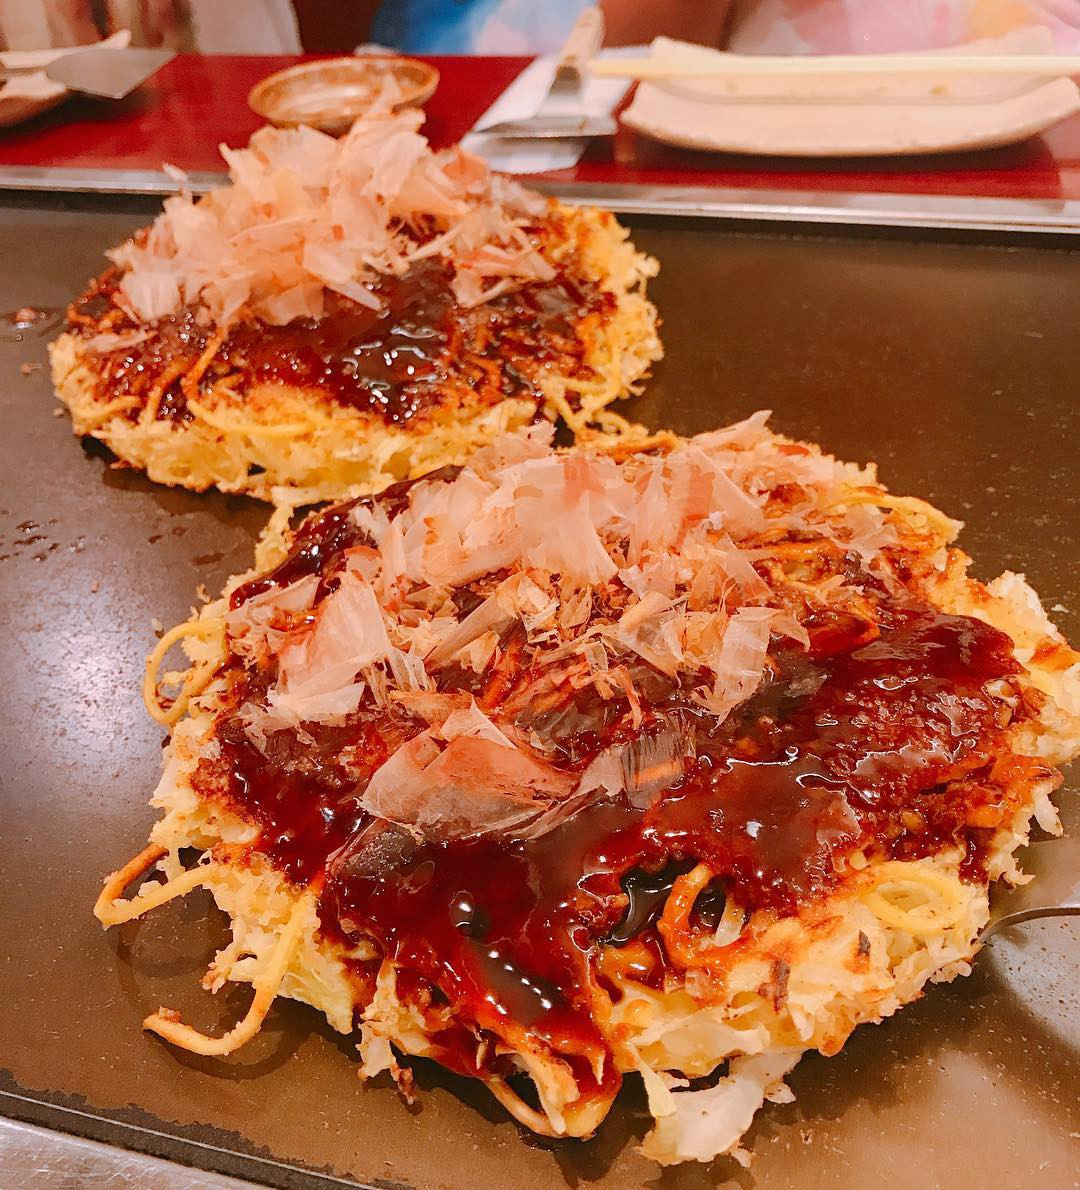 Khám phá ẩm thực đường phố Nhật Bản với những món ăn vặt nức tiếng không thể bỏ qua - Ảnh 11.